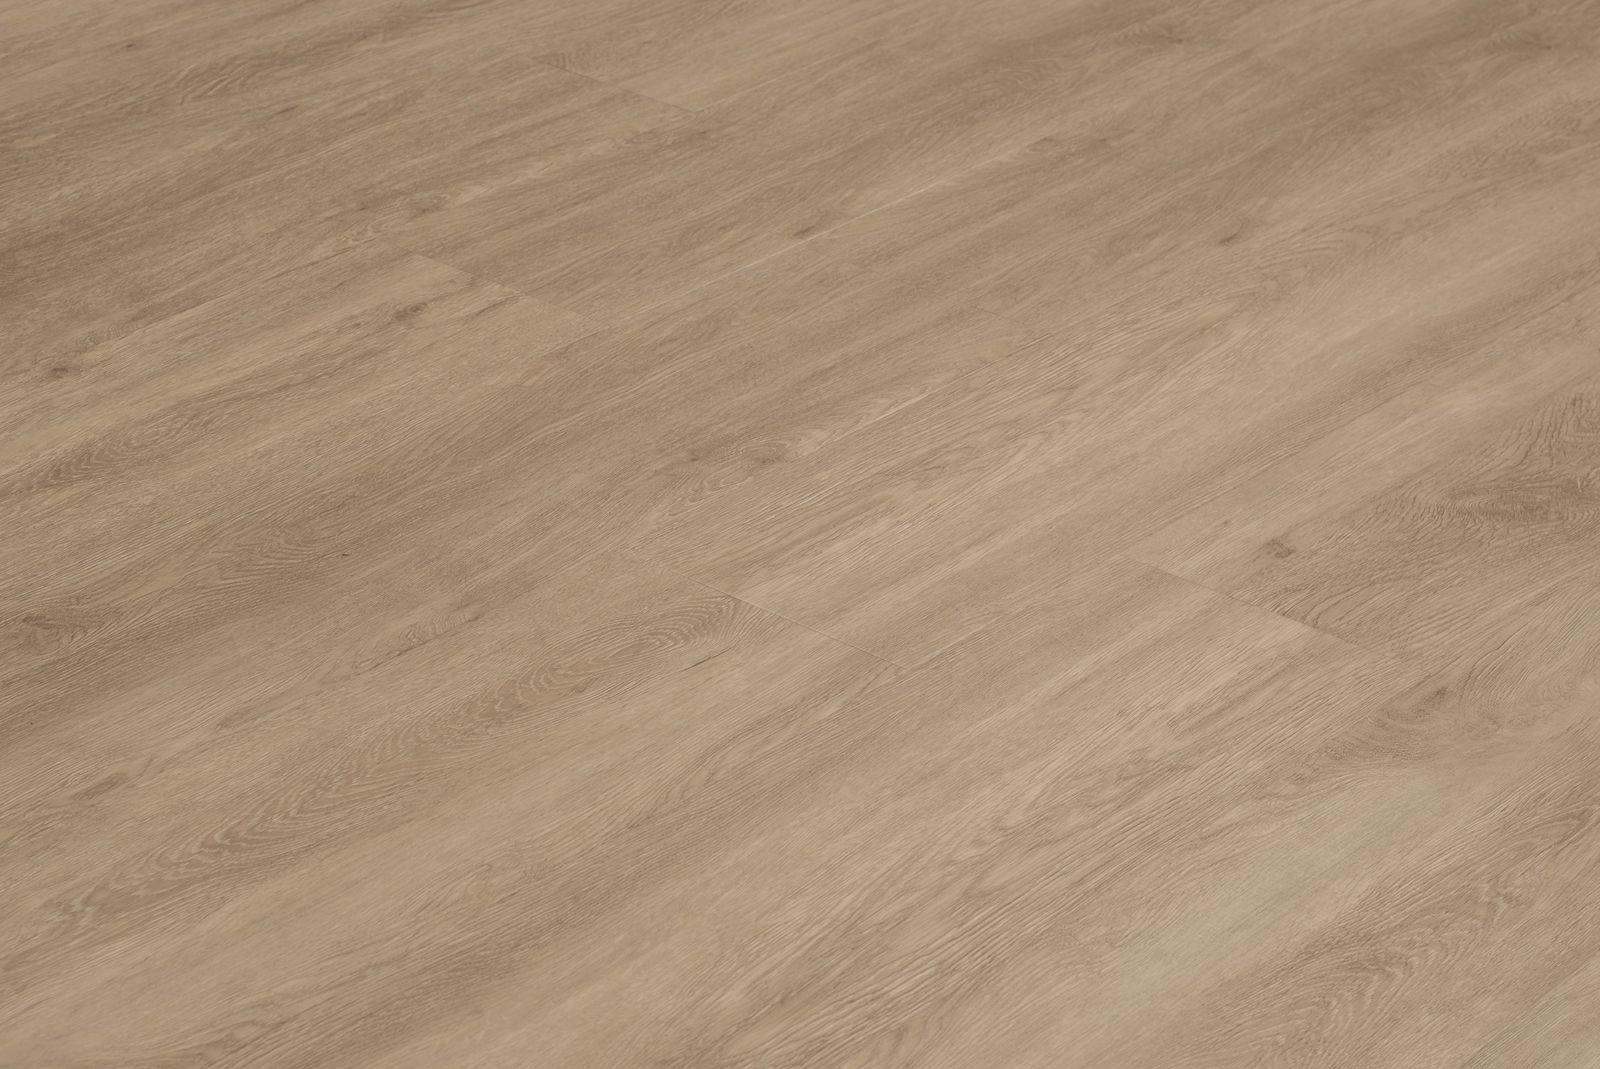 Antraciet Pvc Vloer : Mflor pvc vloer argyll fir montrose antraciet donker grijs pvc